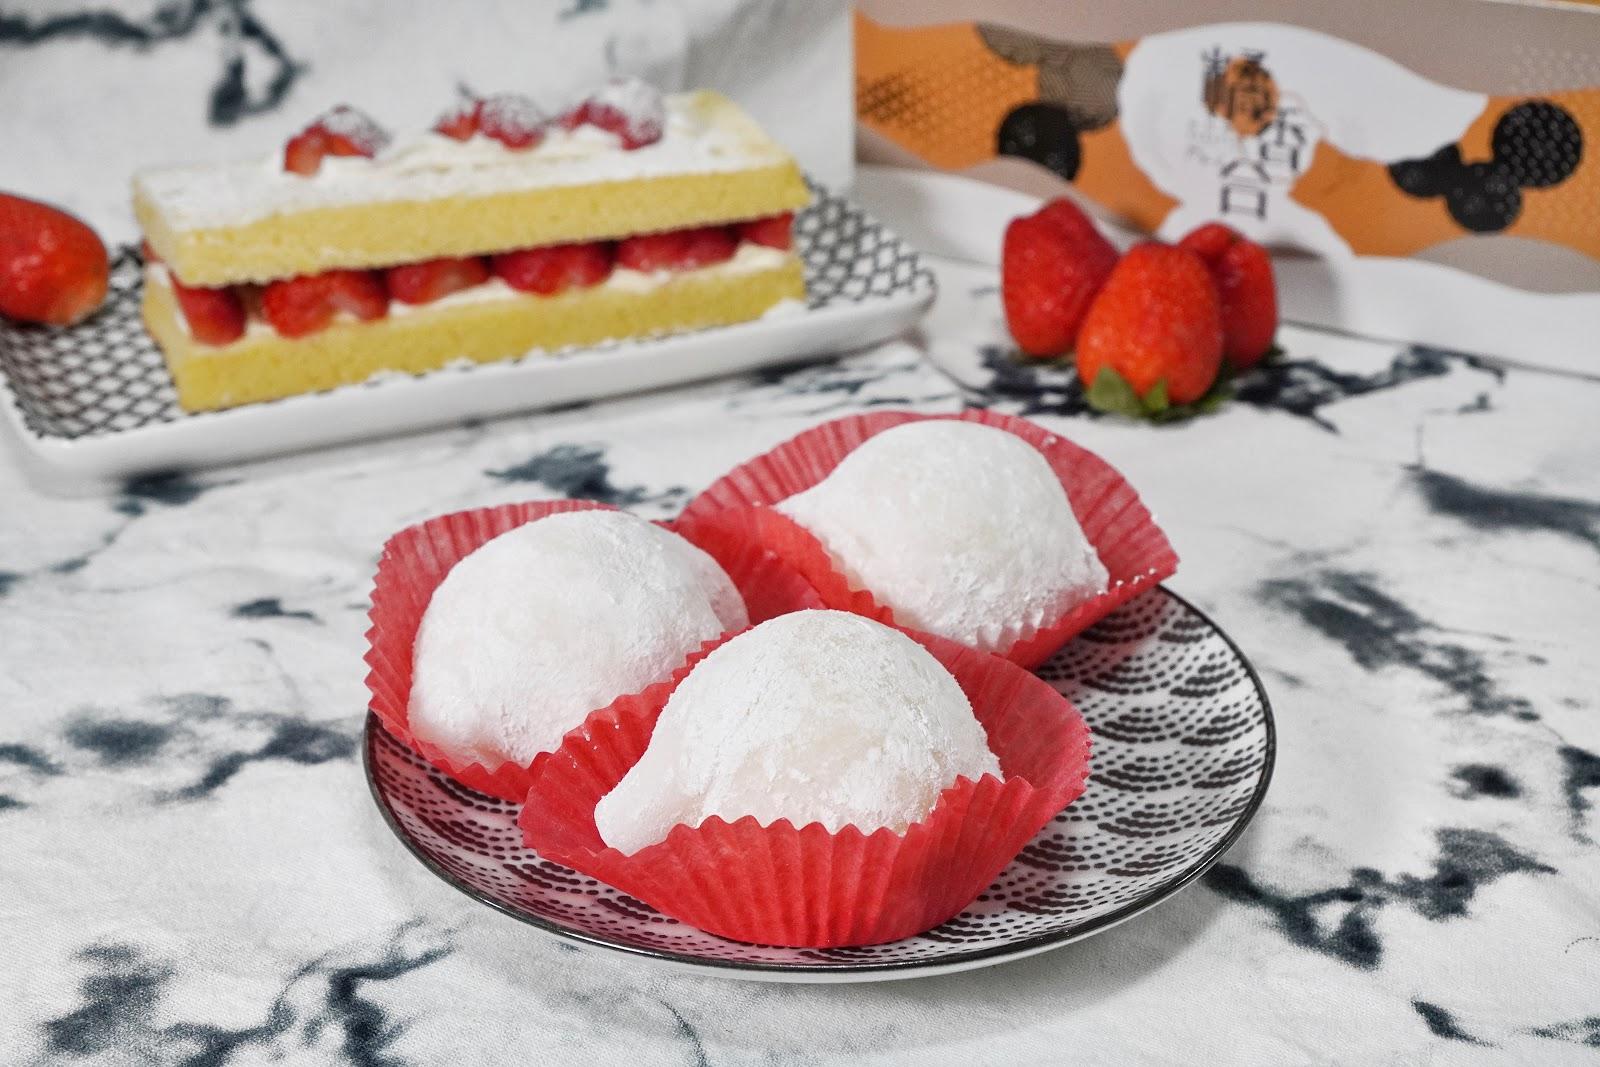 台南中西區美食【橘香合-蛋糕職人】草莓大福